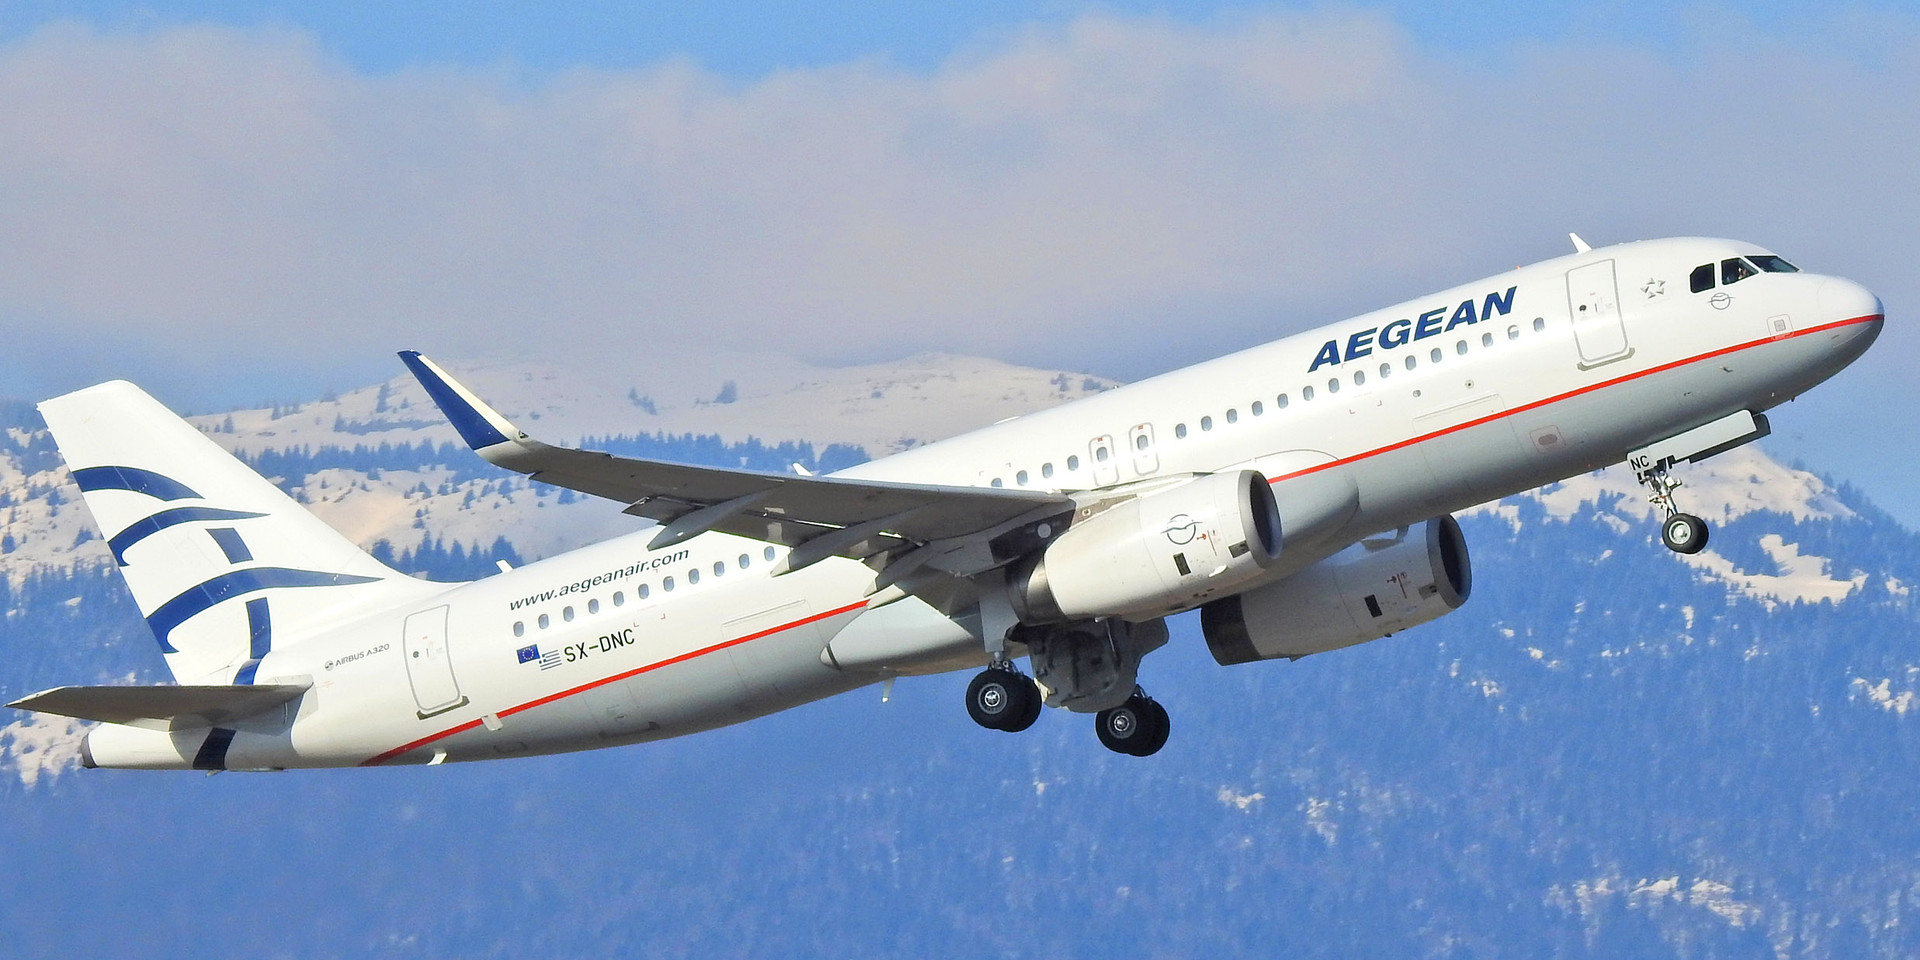 320 A3 SX-DNC GVA 200120 (1).jpg